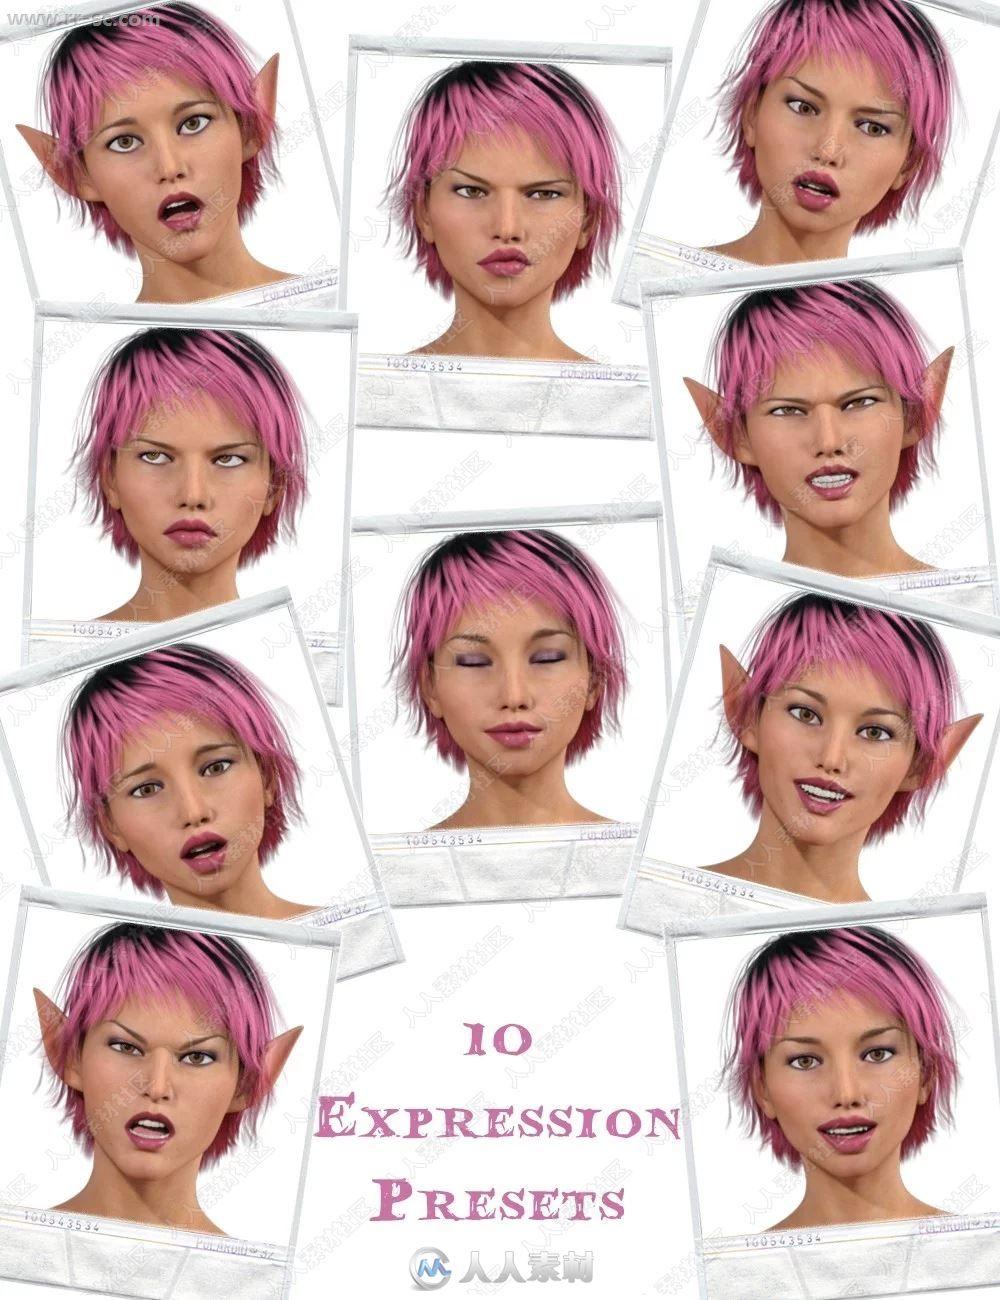 十组原始女孩打斗翻越动作表情动作3D模型